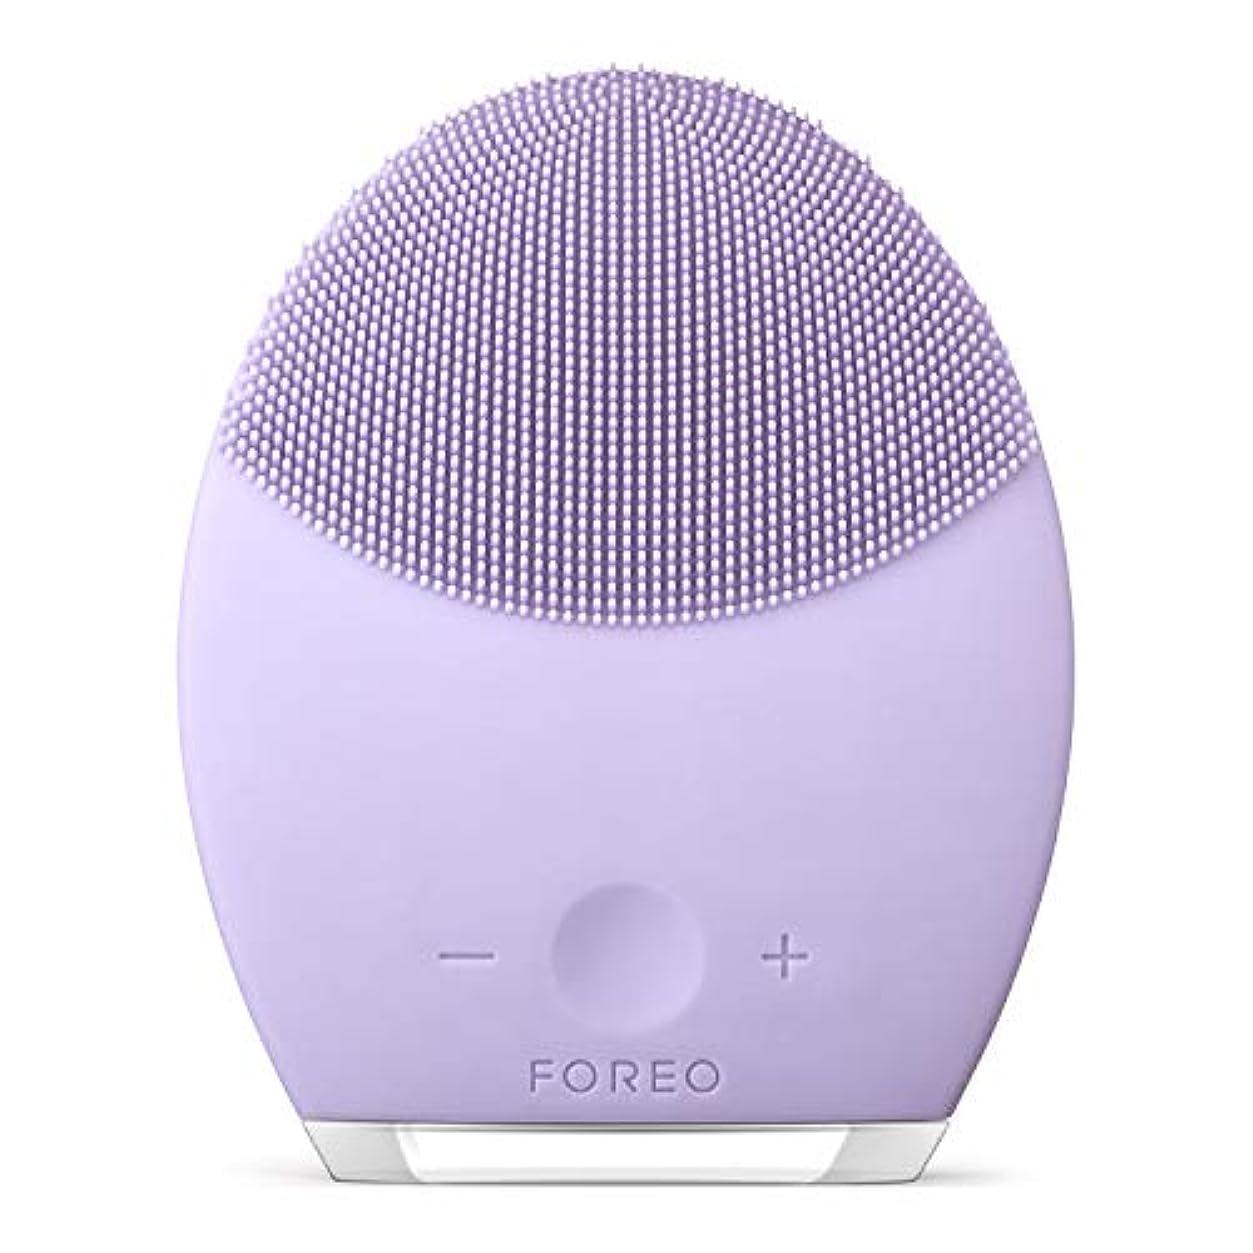 半導体カストディアンFOREO LUNA 2 for センシティブスキン 電動洗顔ブラシ シリコーン製 音波振動 エイジングケア